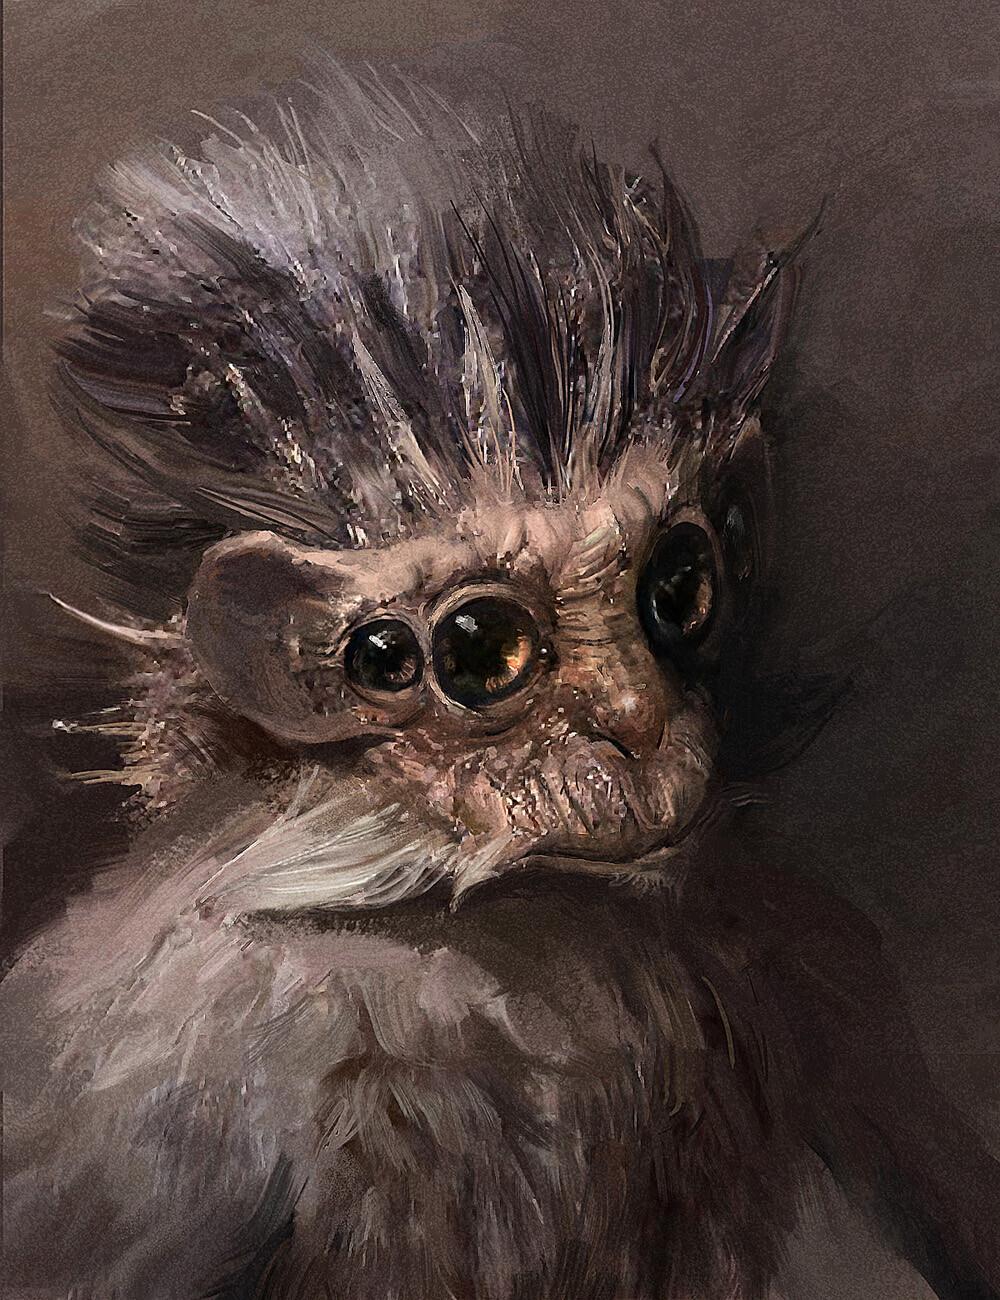 Miro petrov alien monkey